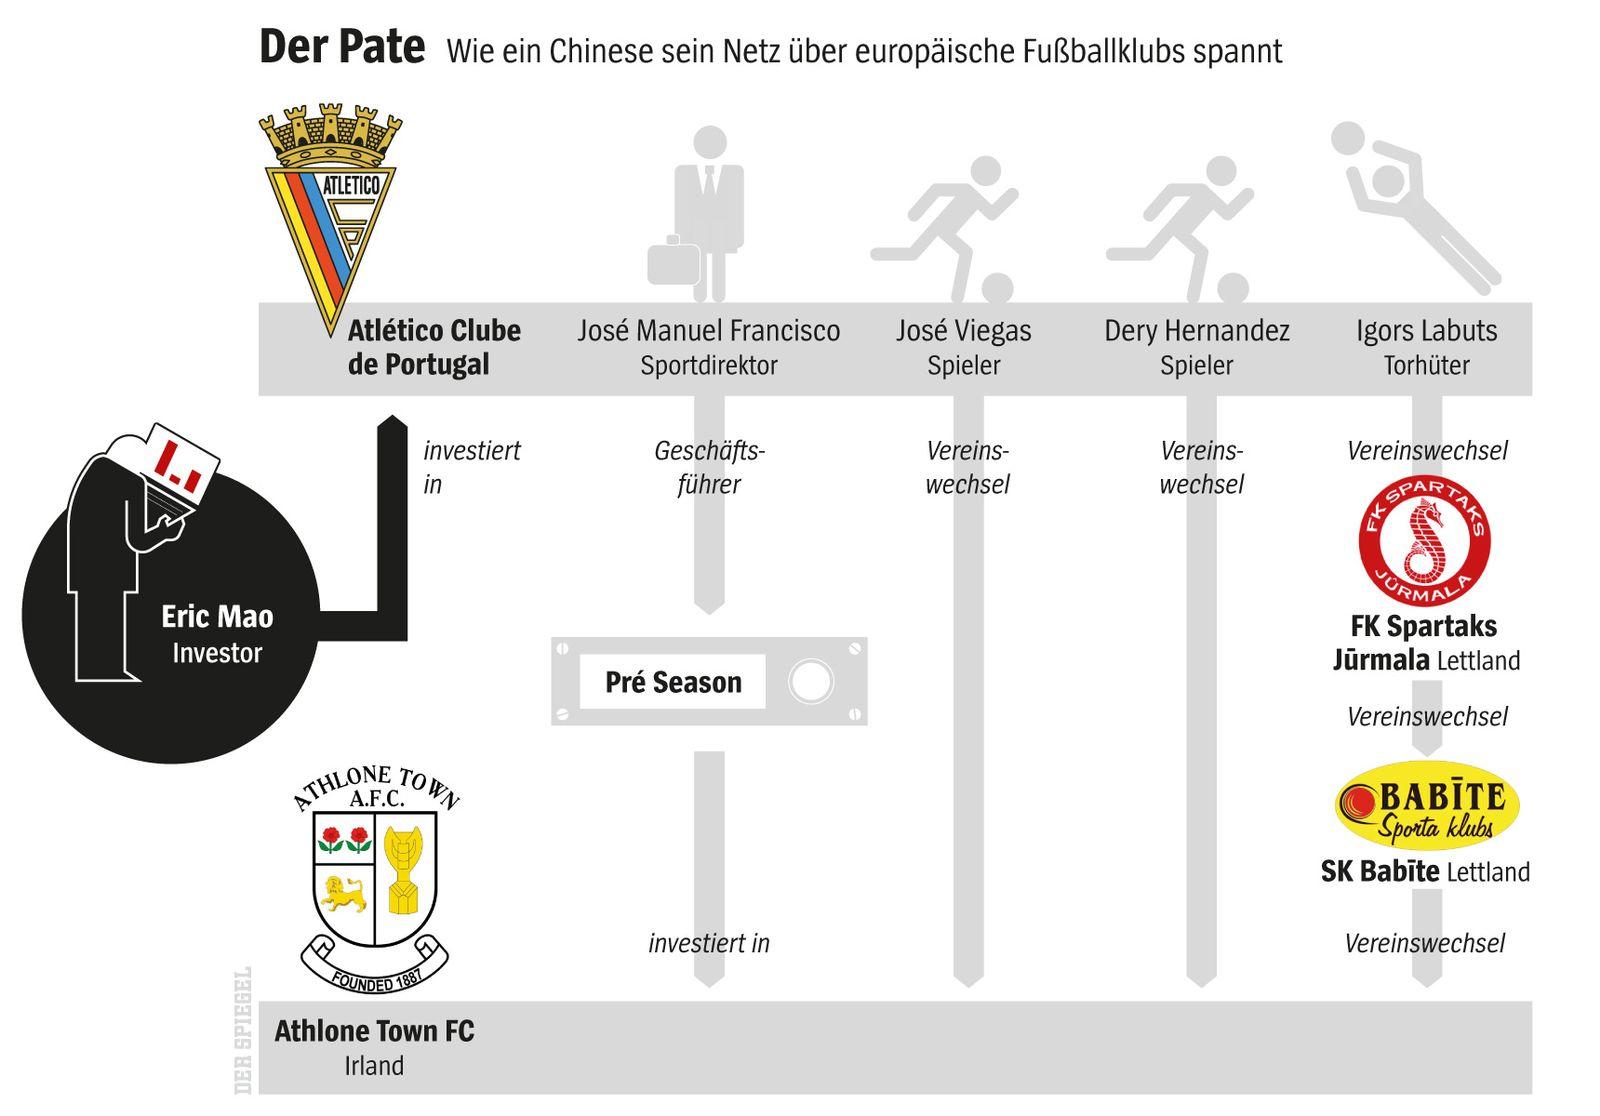 EINMALIGE VERWENDUNG SPIEGEL Plus-Grafik 26/2017 Fußball